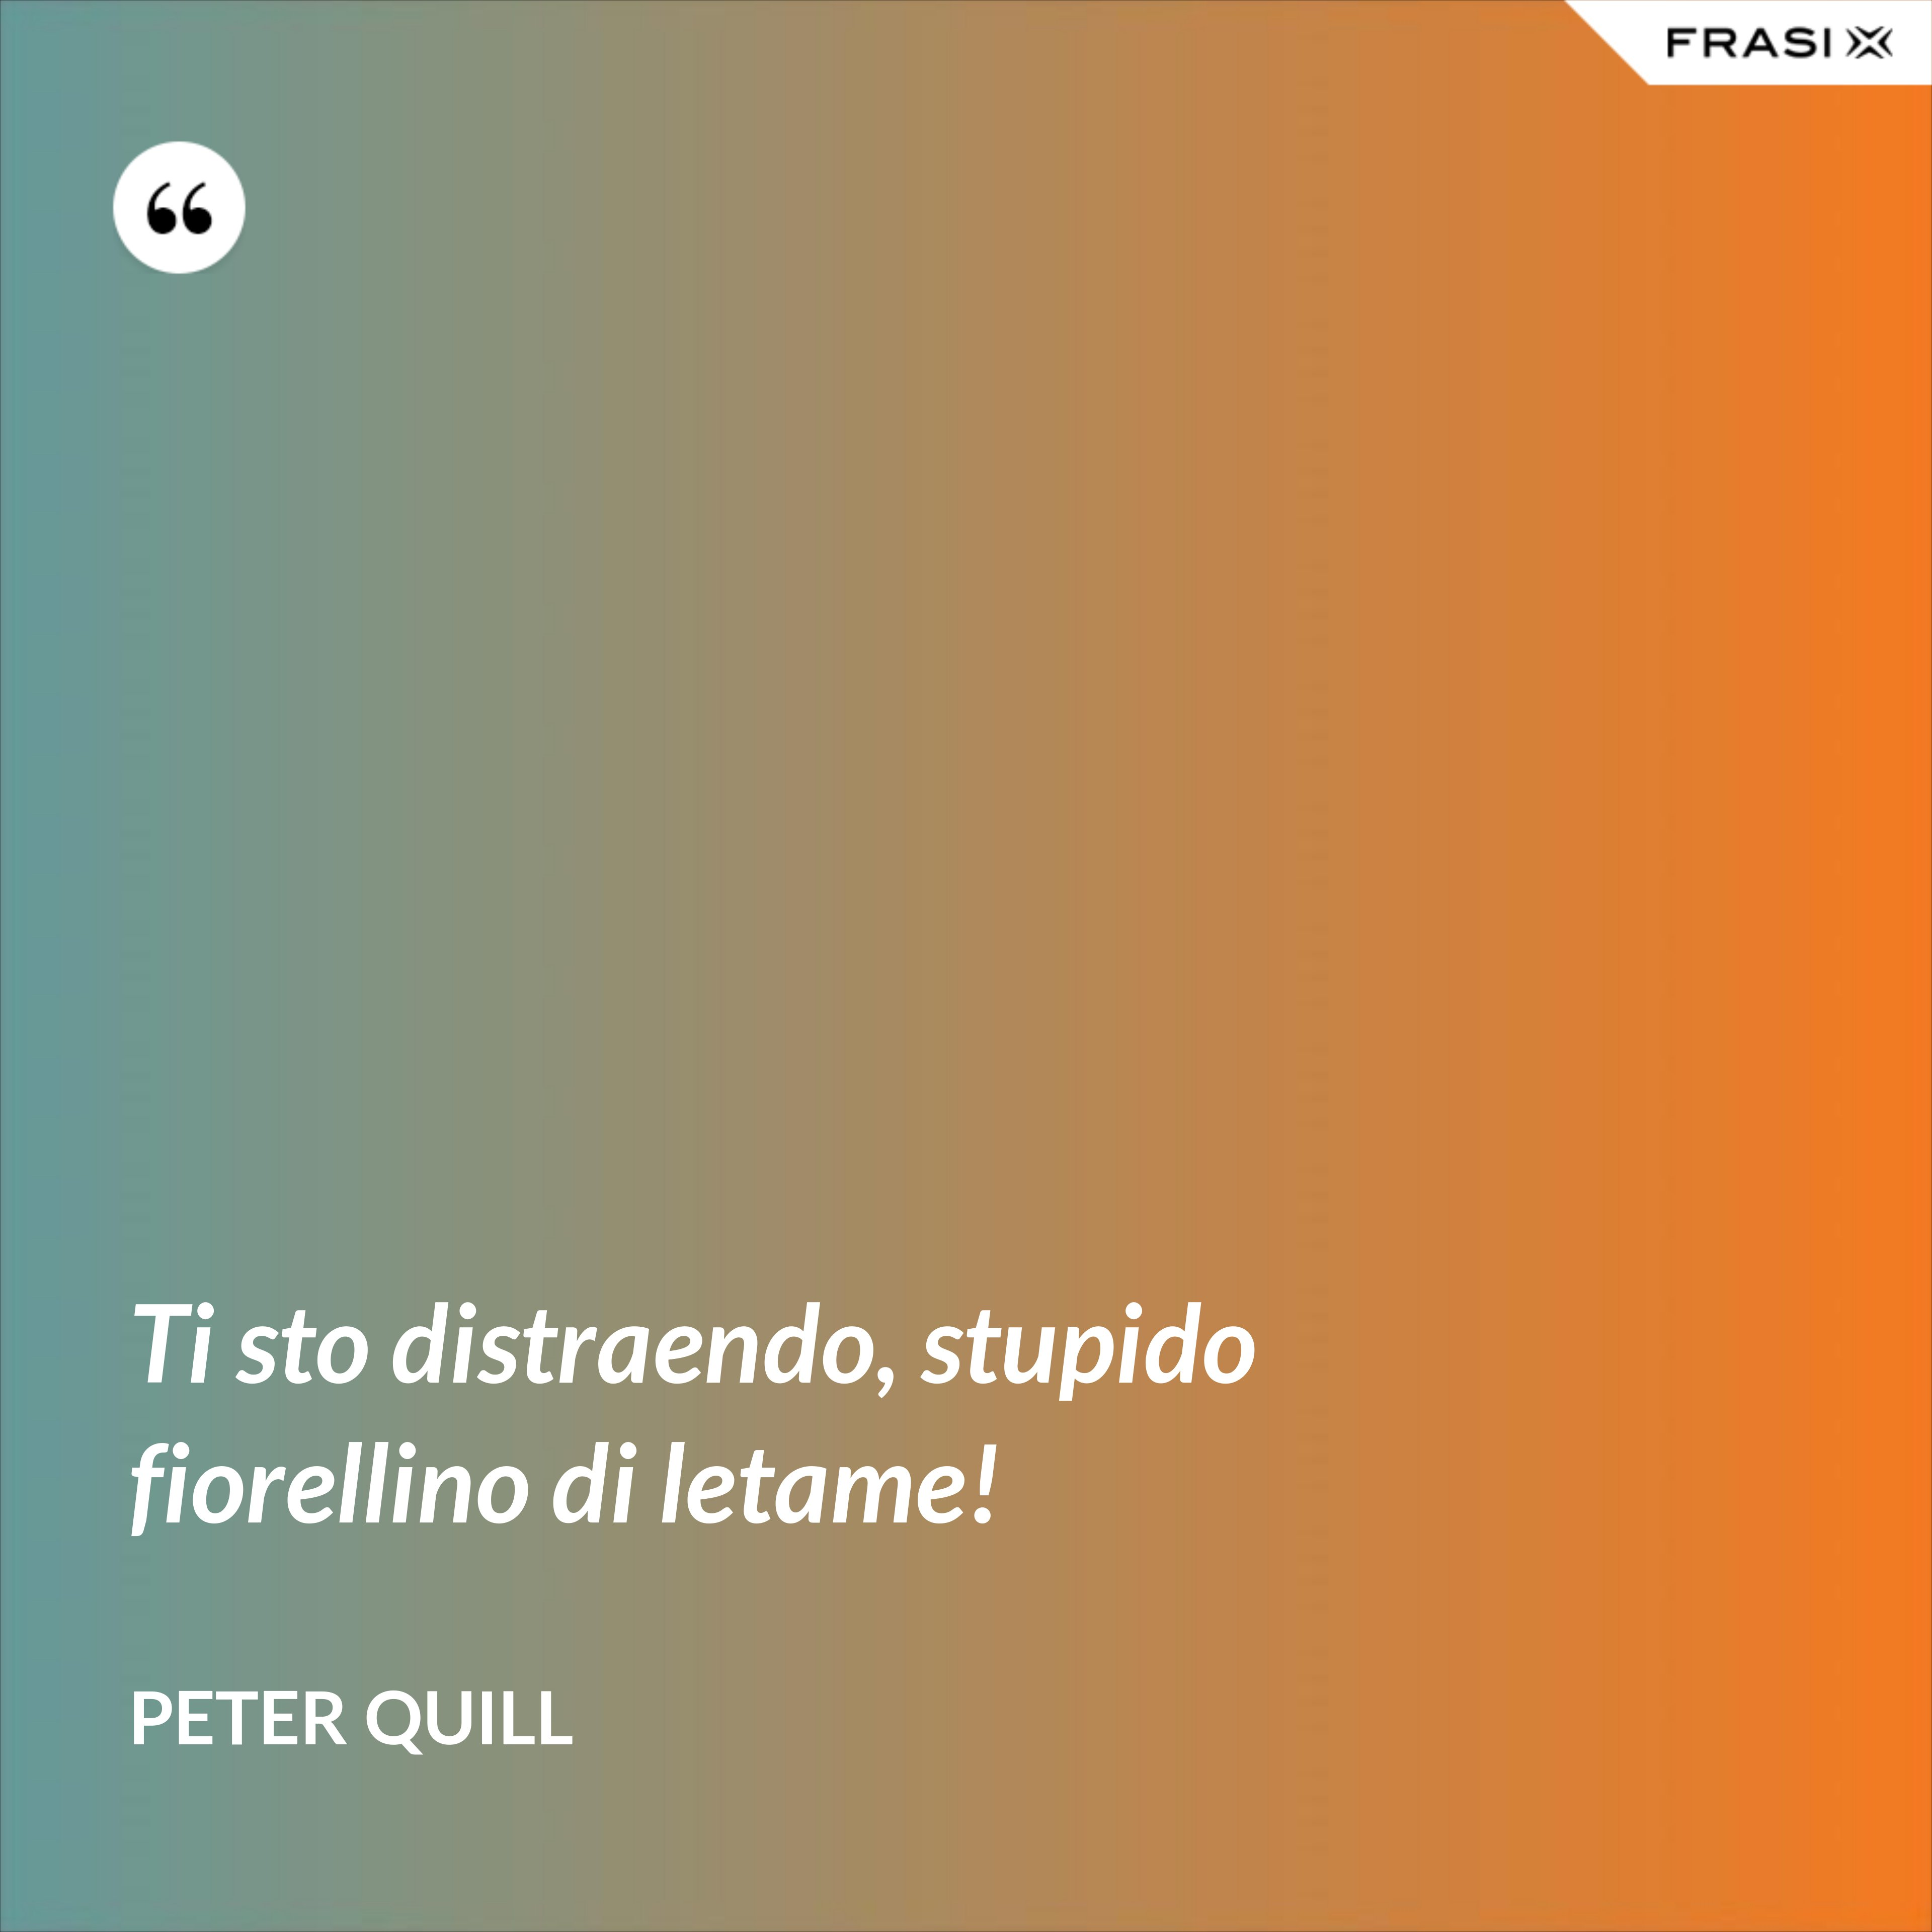 Ti sto distraendo, stupido fiorellino di letame! - Peter Quill